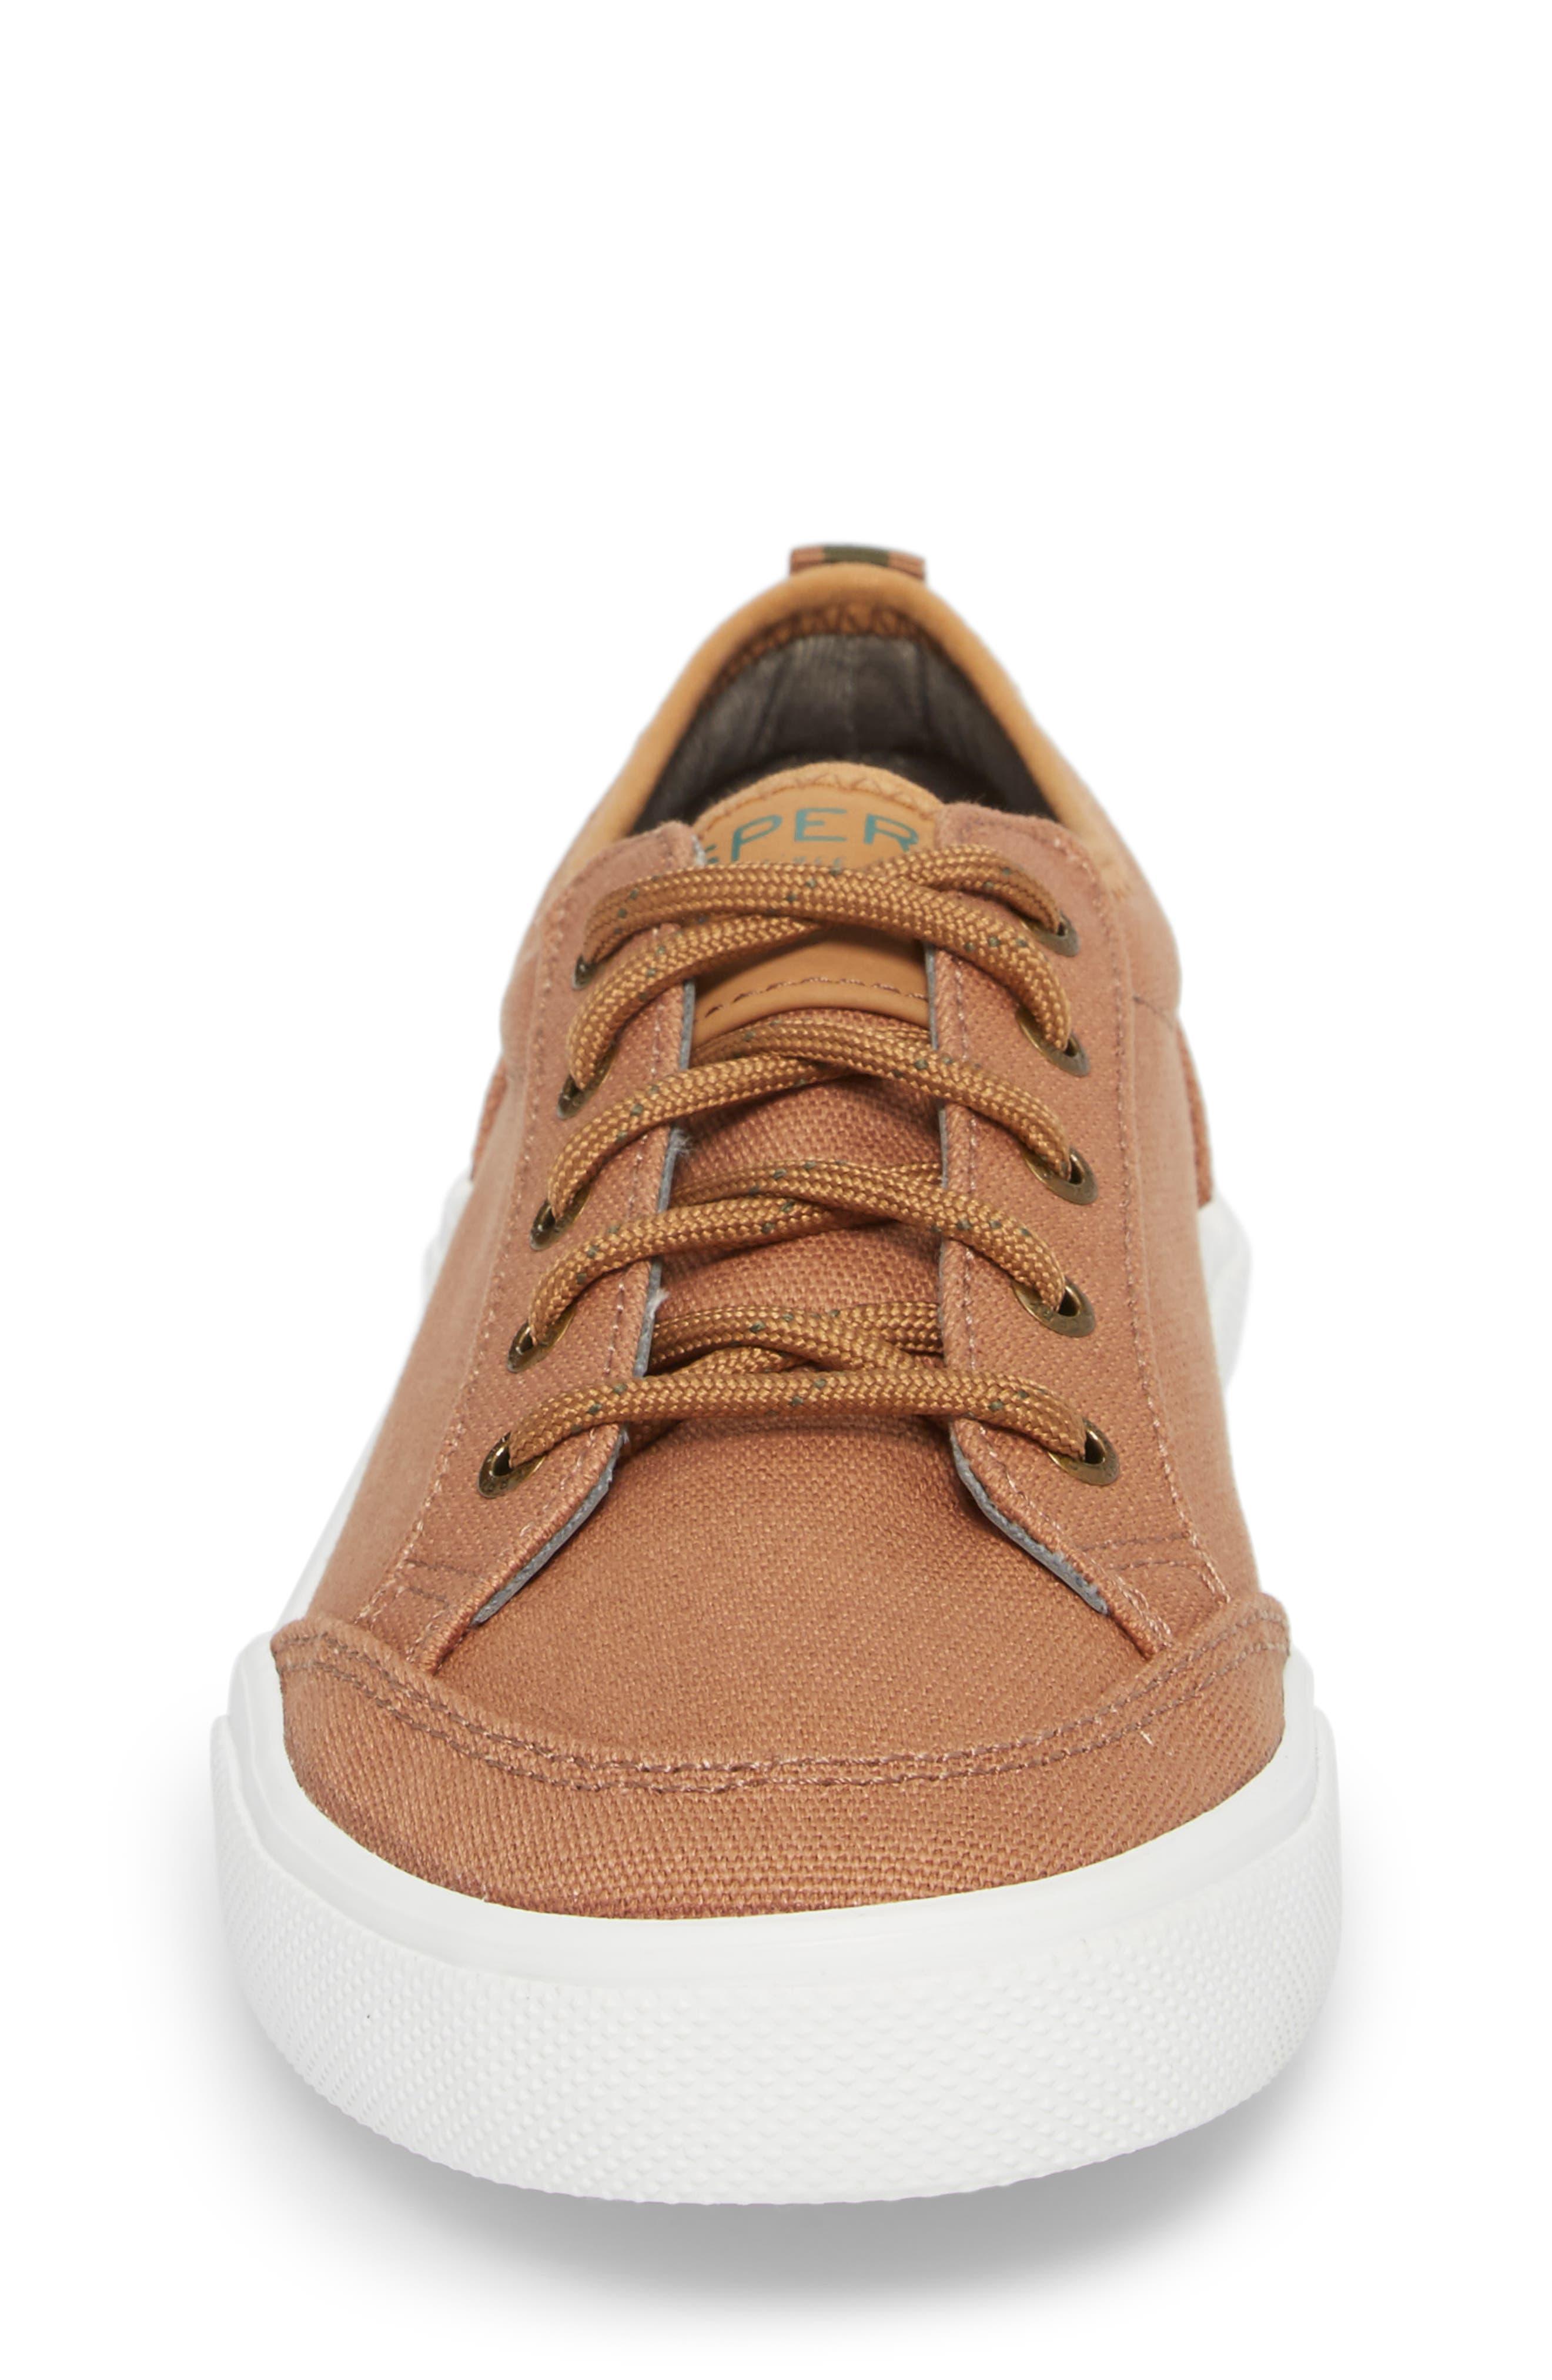 Sperry Deckfin Sneaker,                             Alternate thumbnail 4, color,                             Caramel